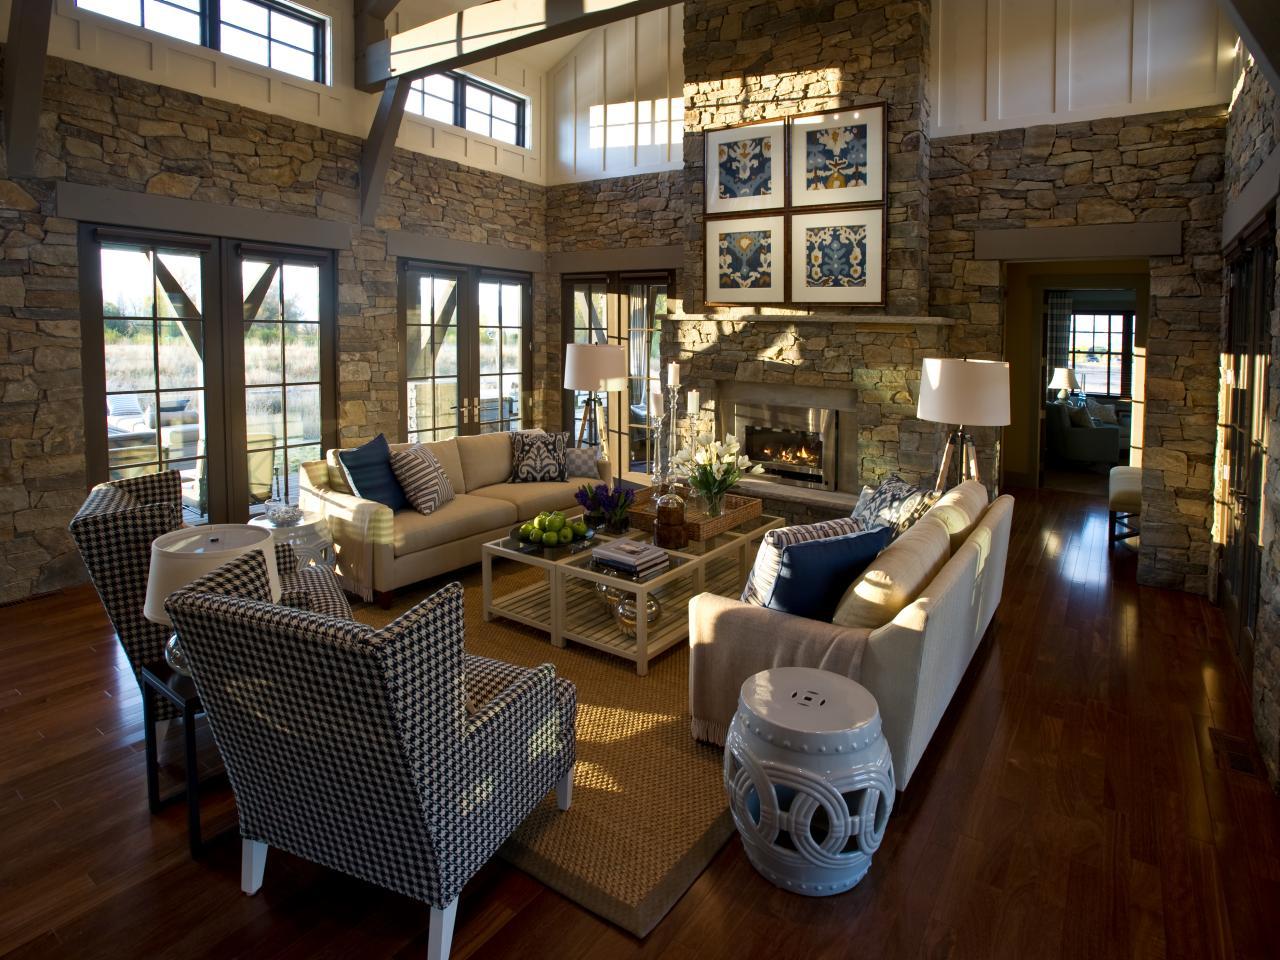 Light-Filled Great Room in HGTV Dream Home 2012 | HGTV